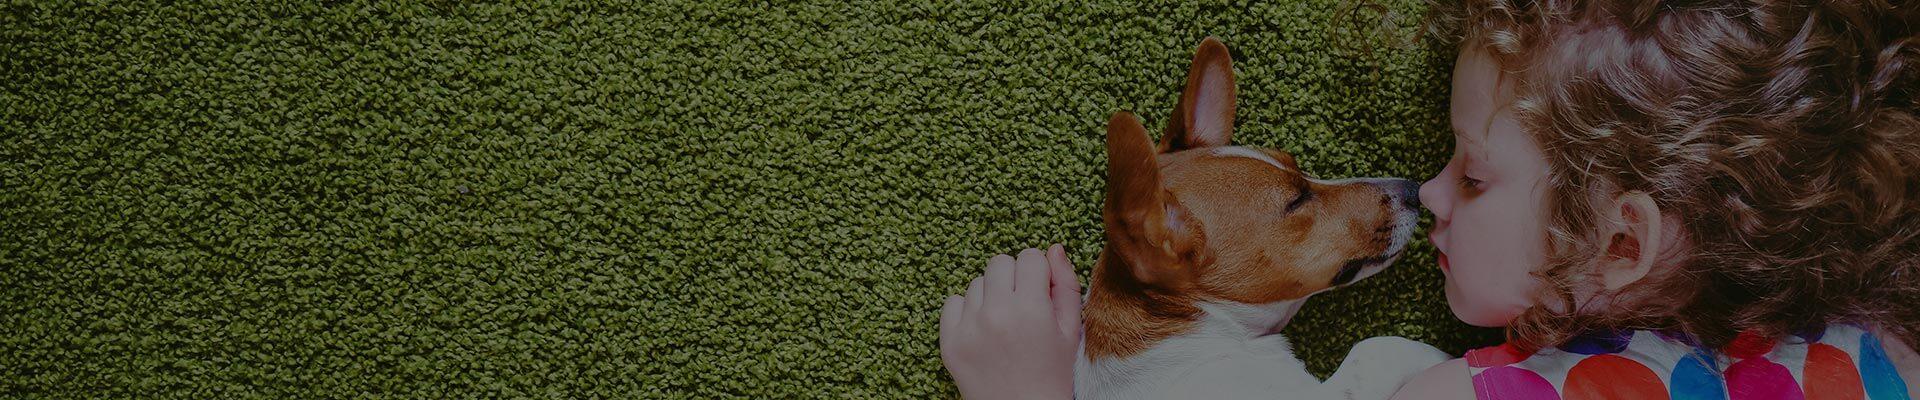 Pranie dywanów - Pralnia DAMAT